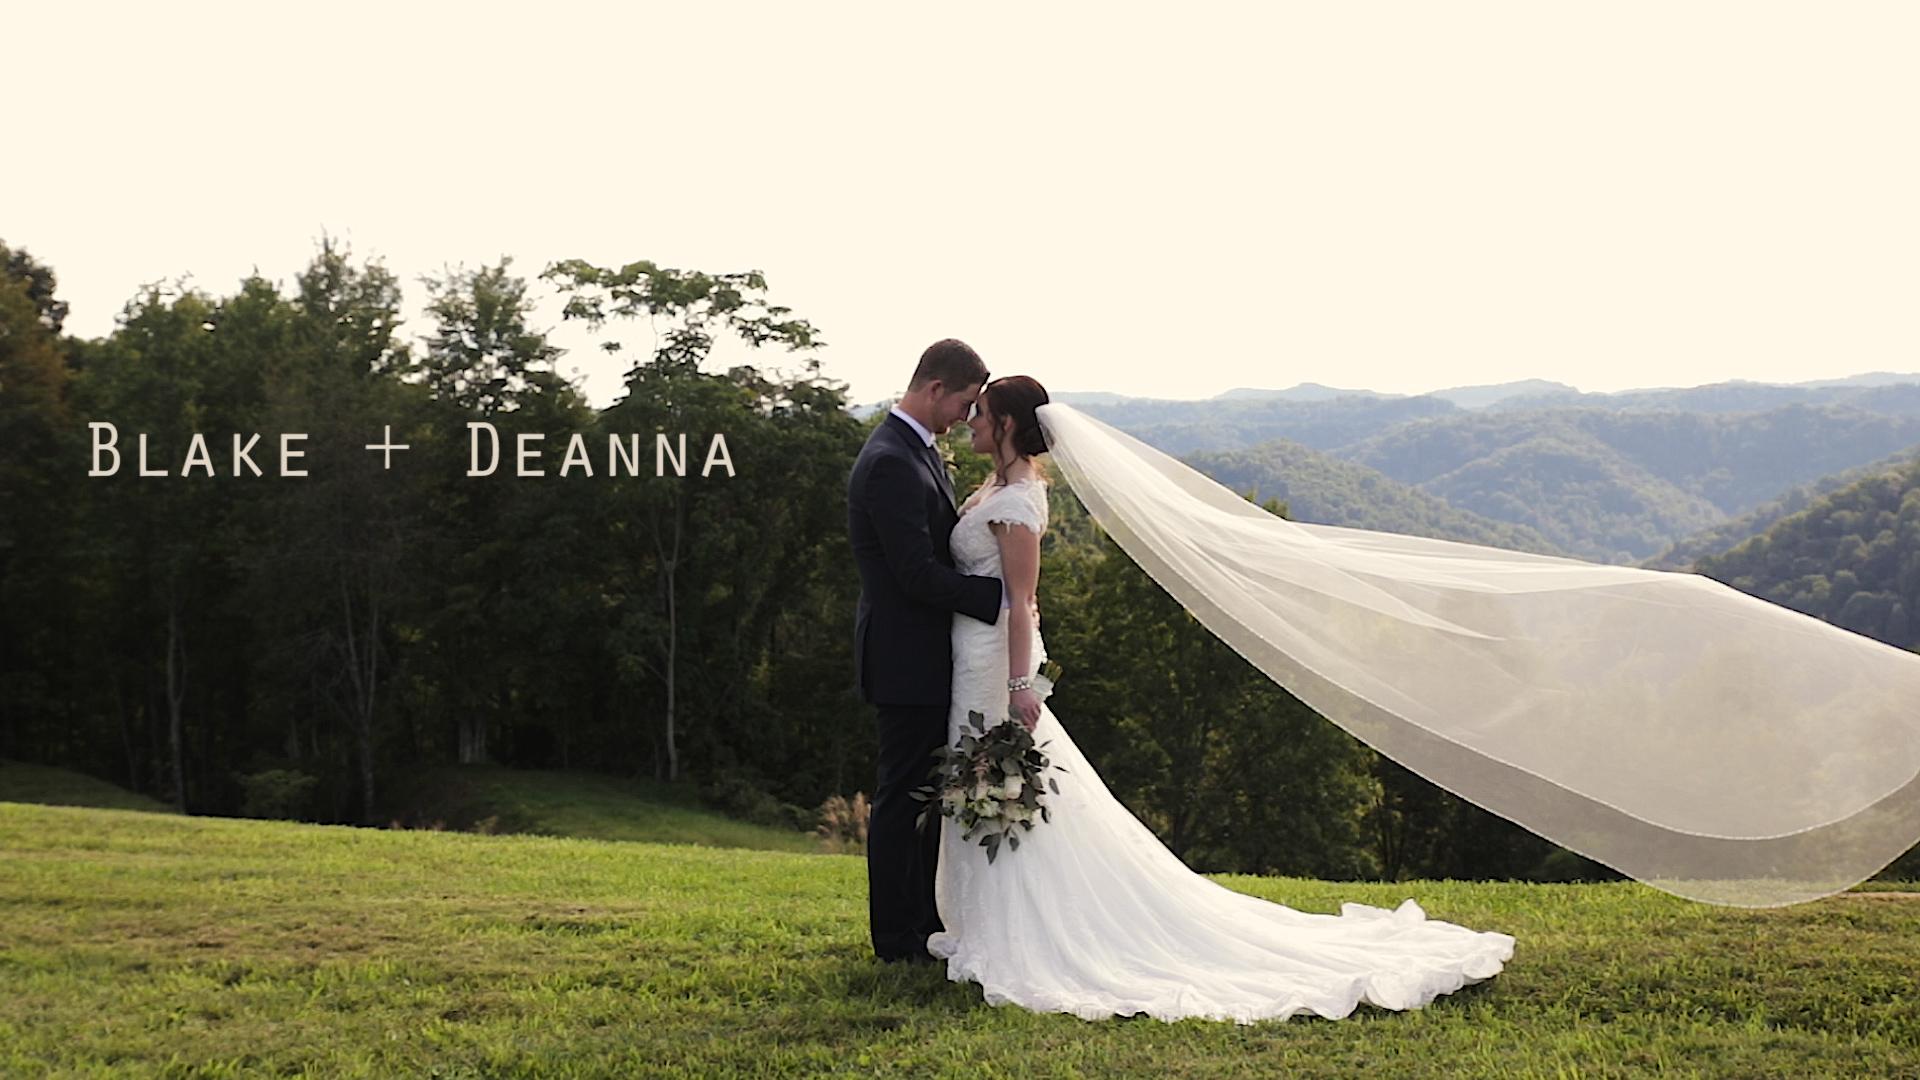 Blake + Deanna | Hindman, Kentucky | a family farm